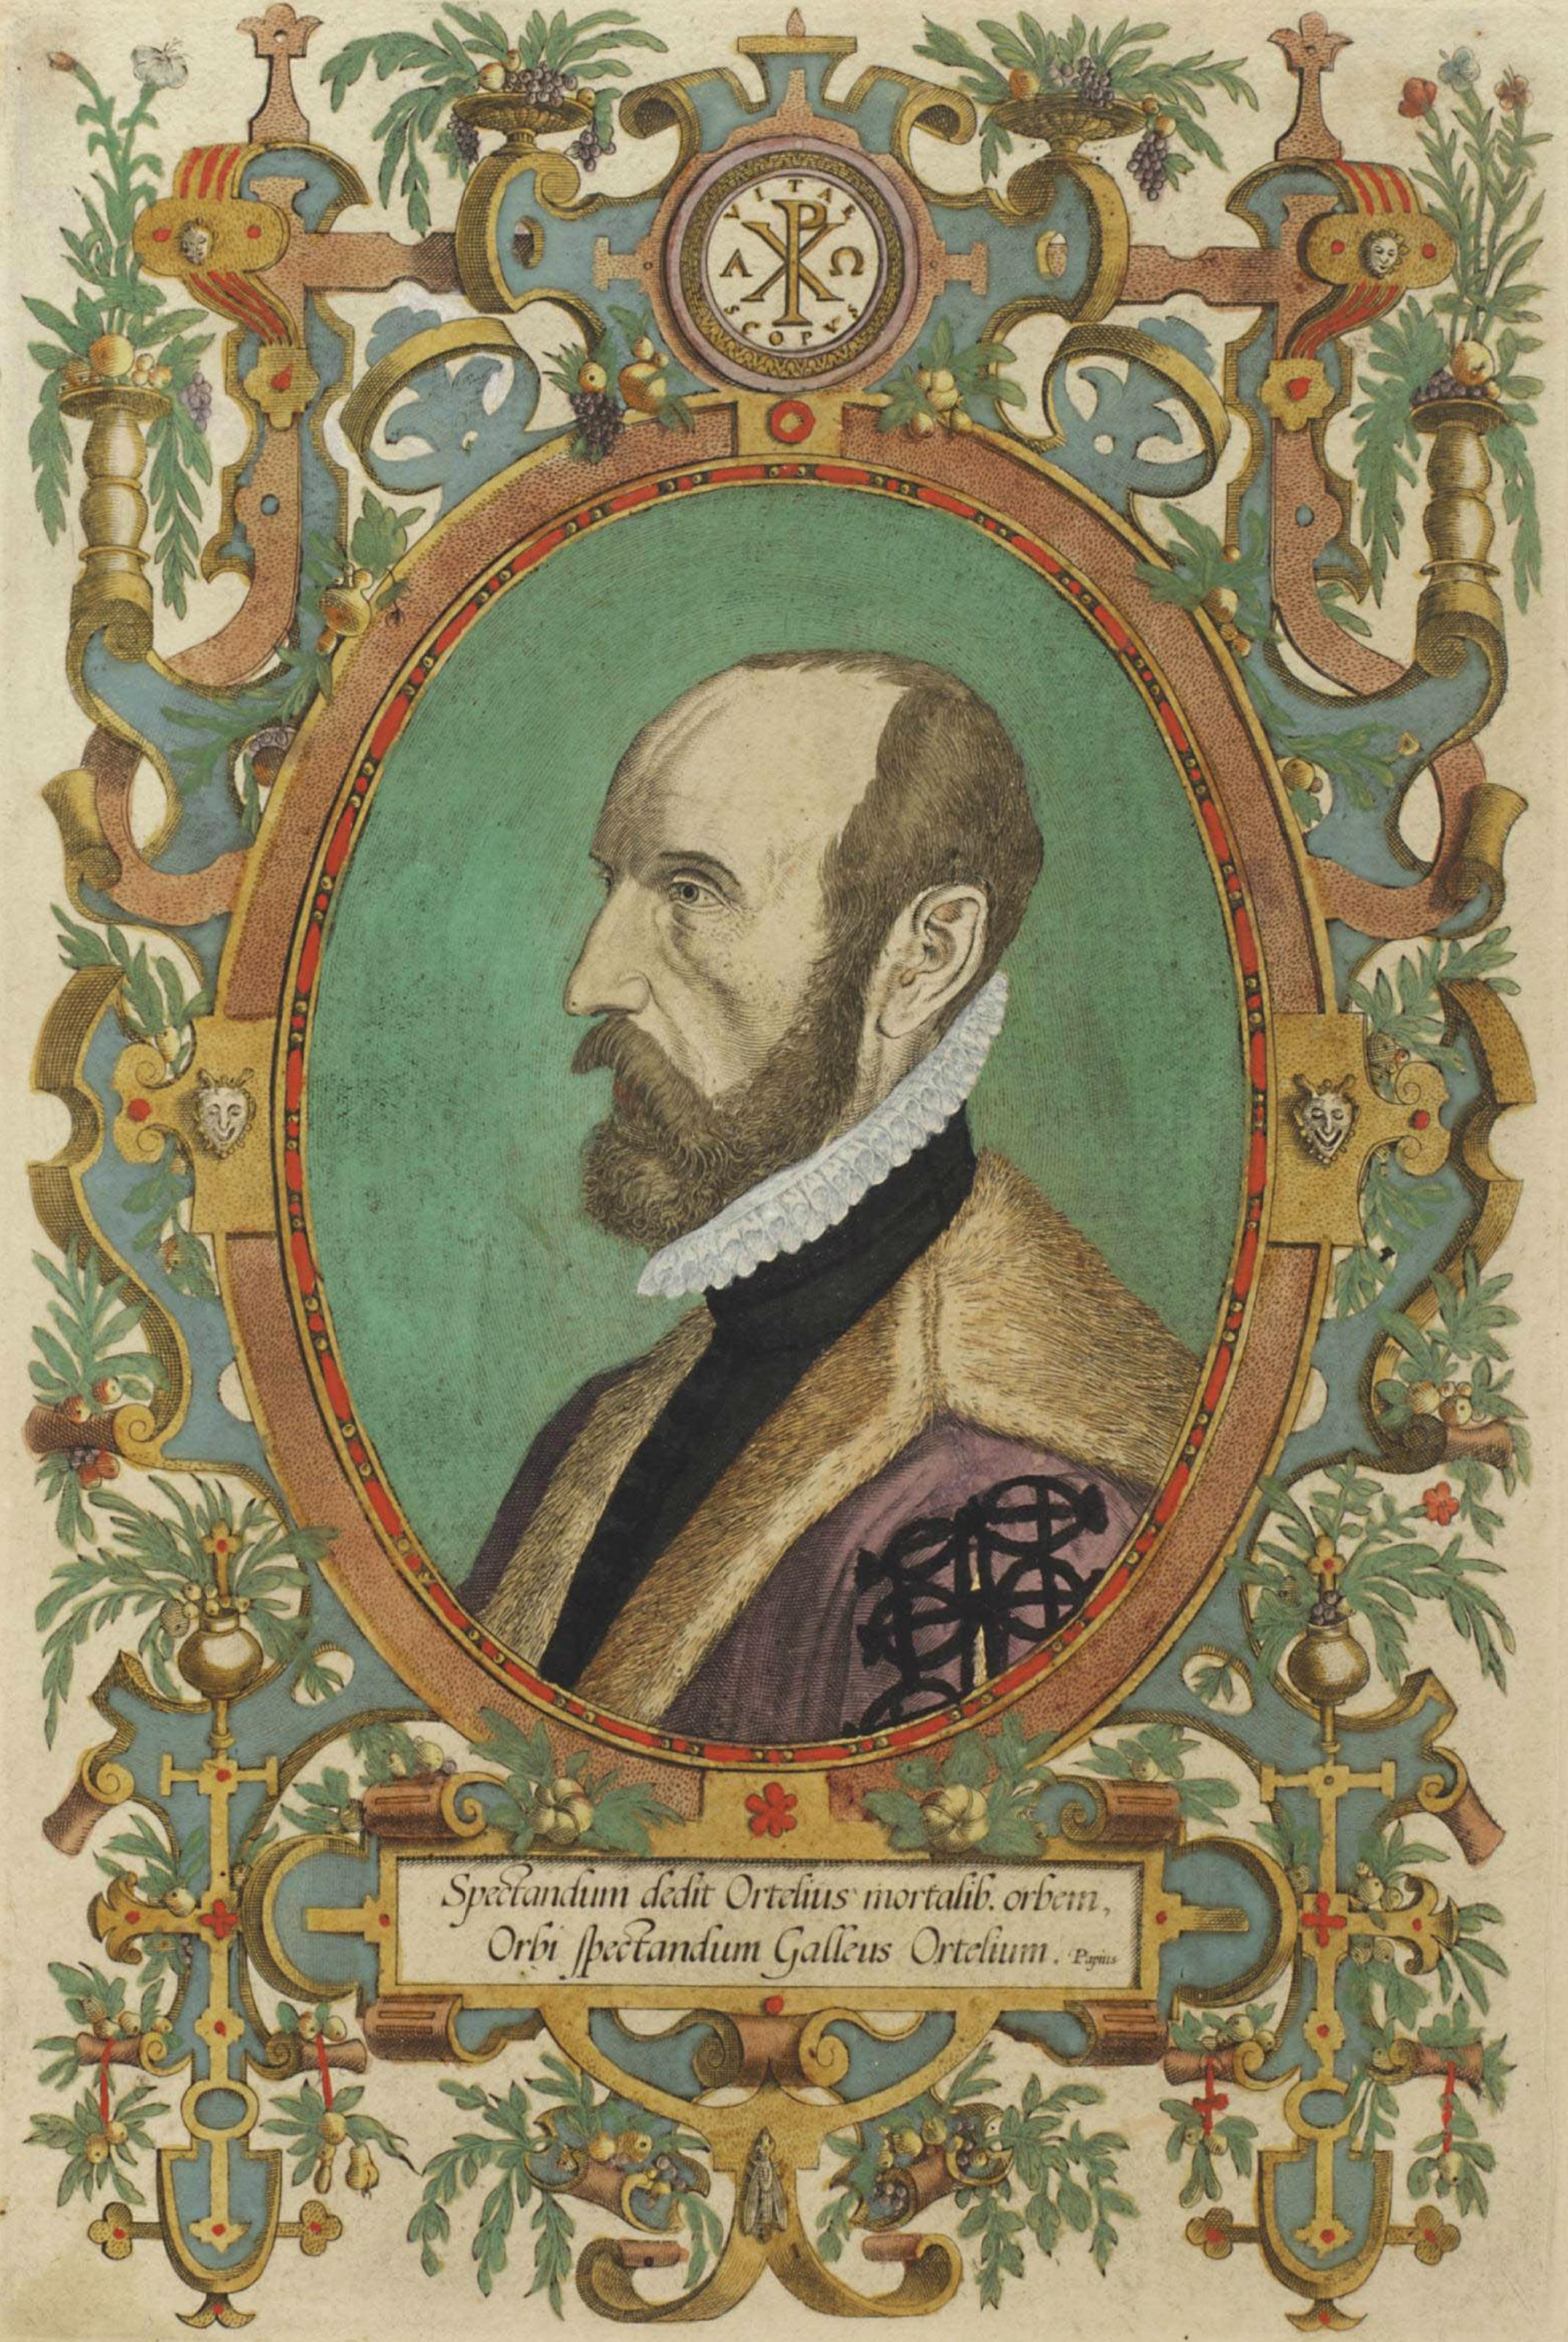 Depiction of Abraham Ortelius